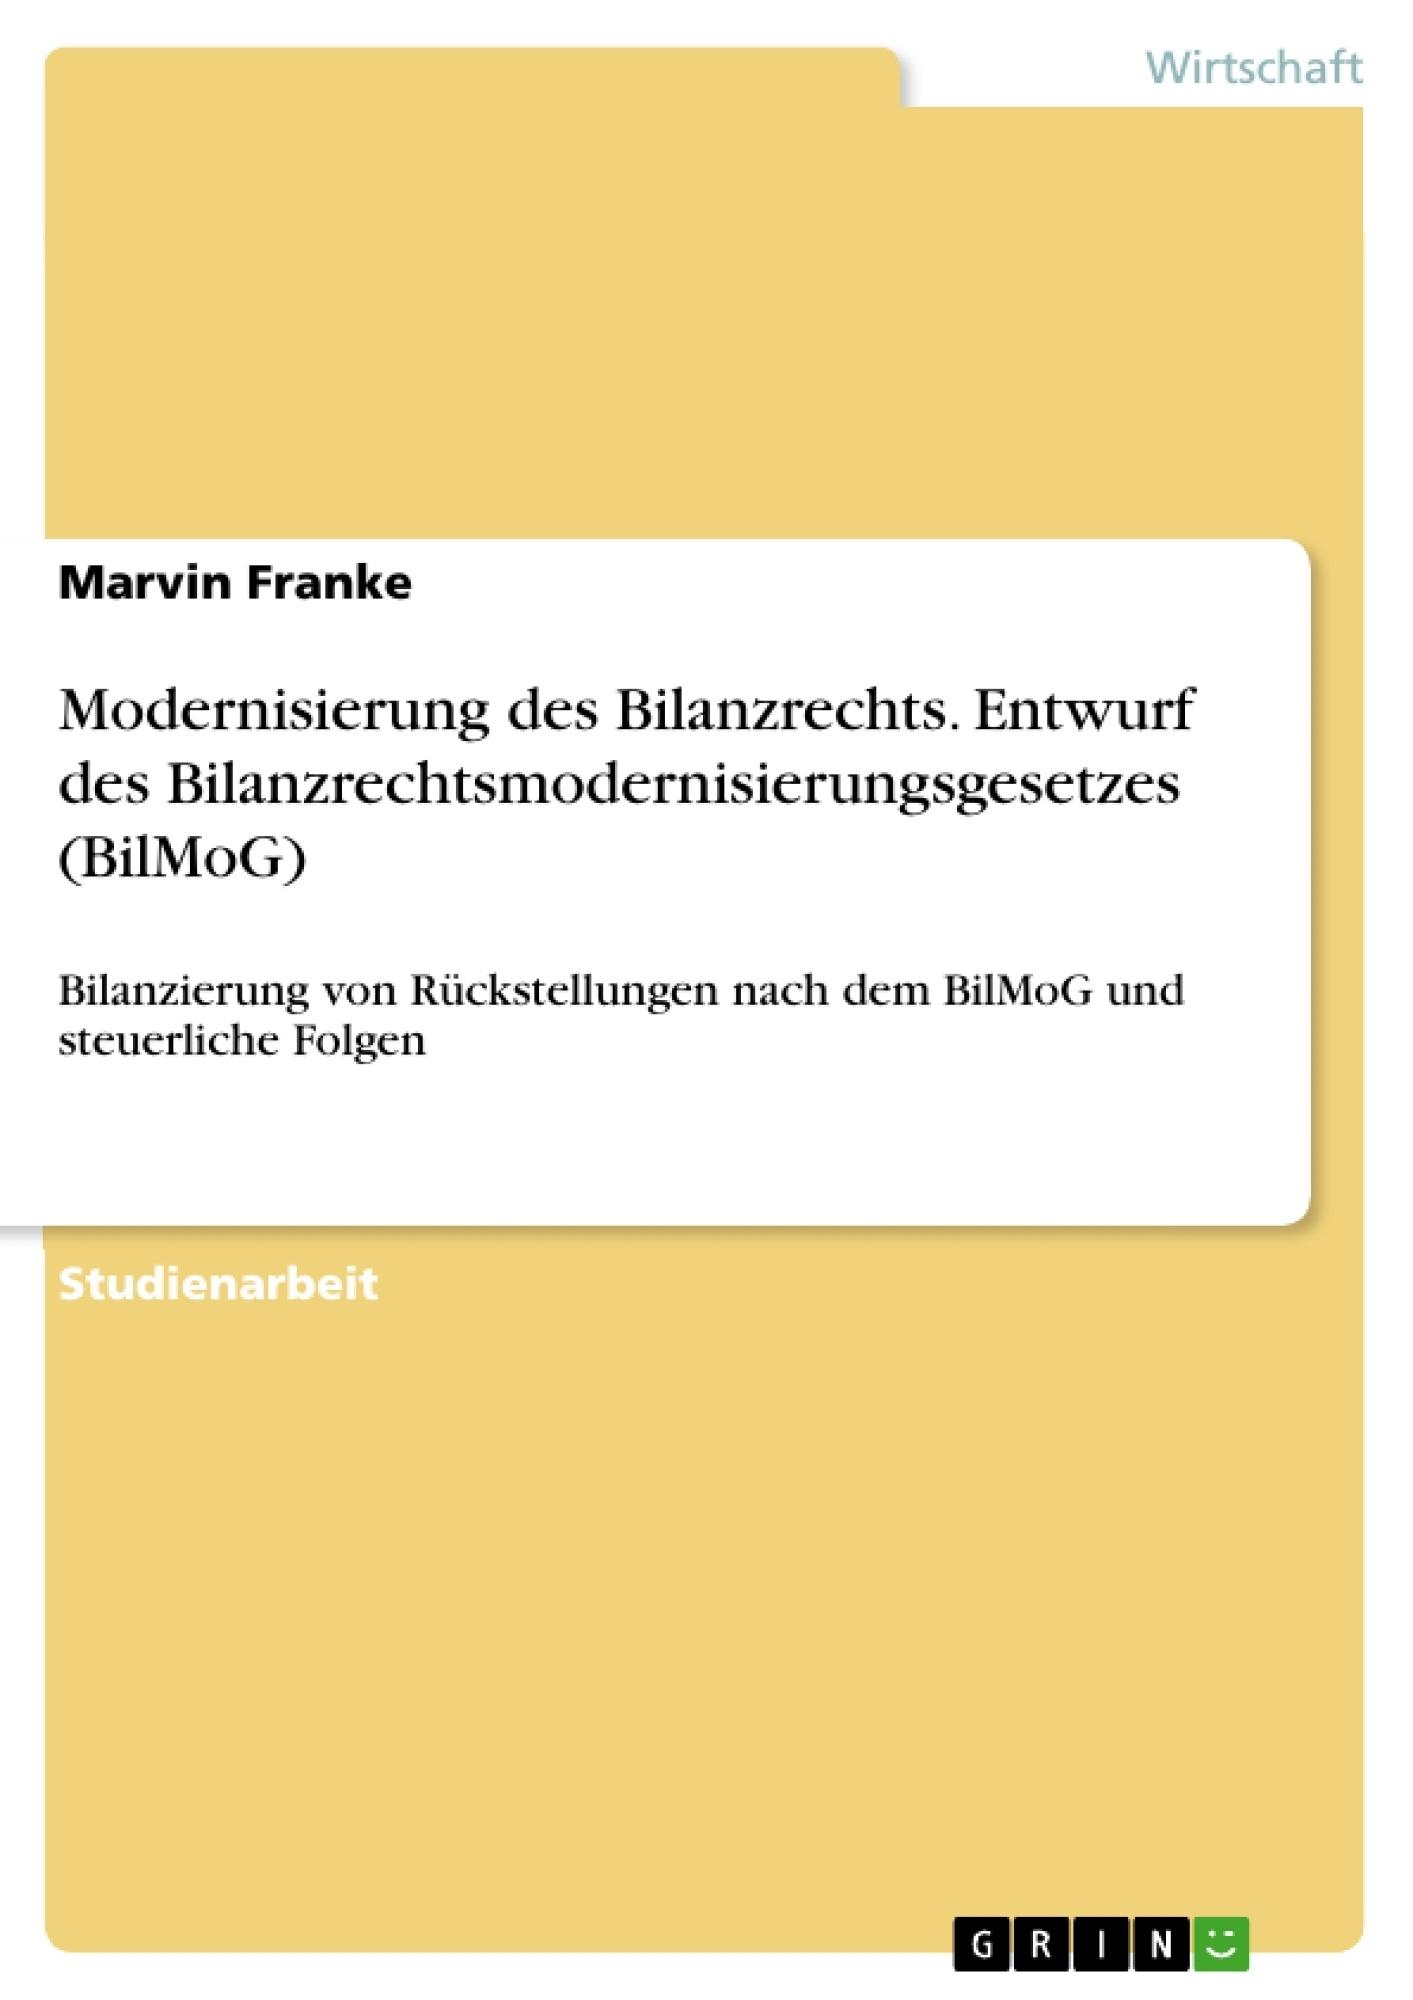 Titel: Modernisierung des Bilanzrechts. Entwurf des Bilanzrechtsmodernisierungsgesetzes (BilMoG)